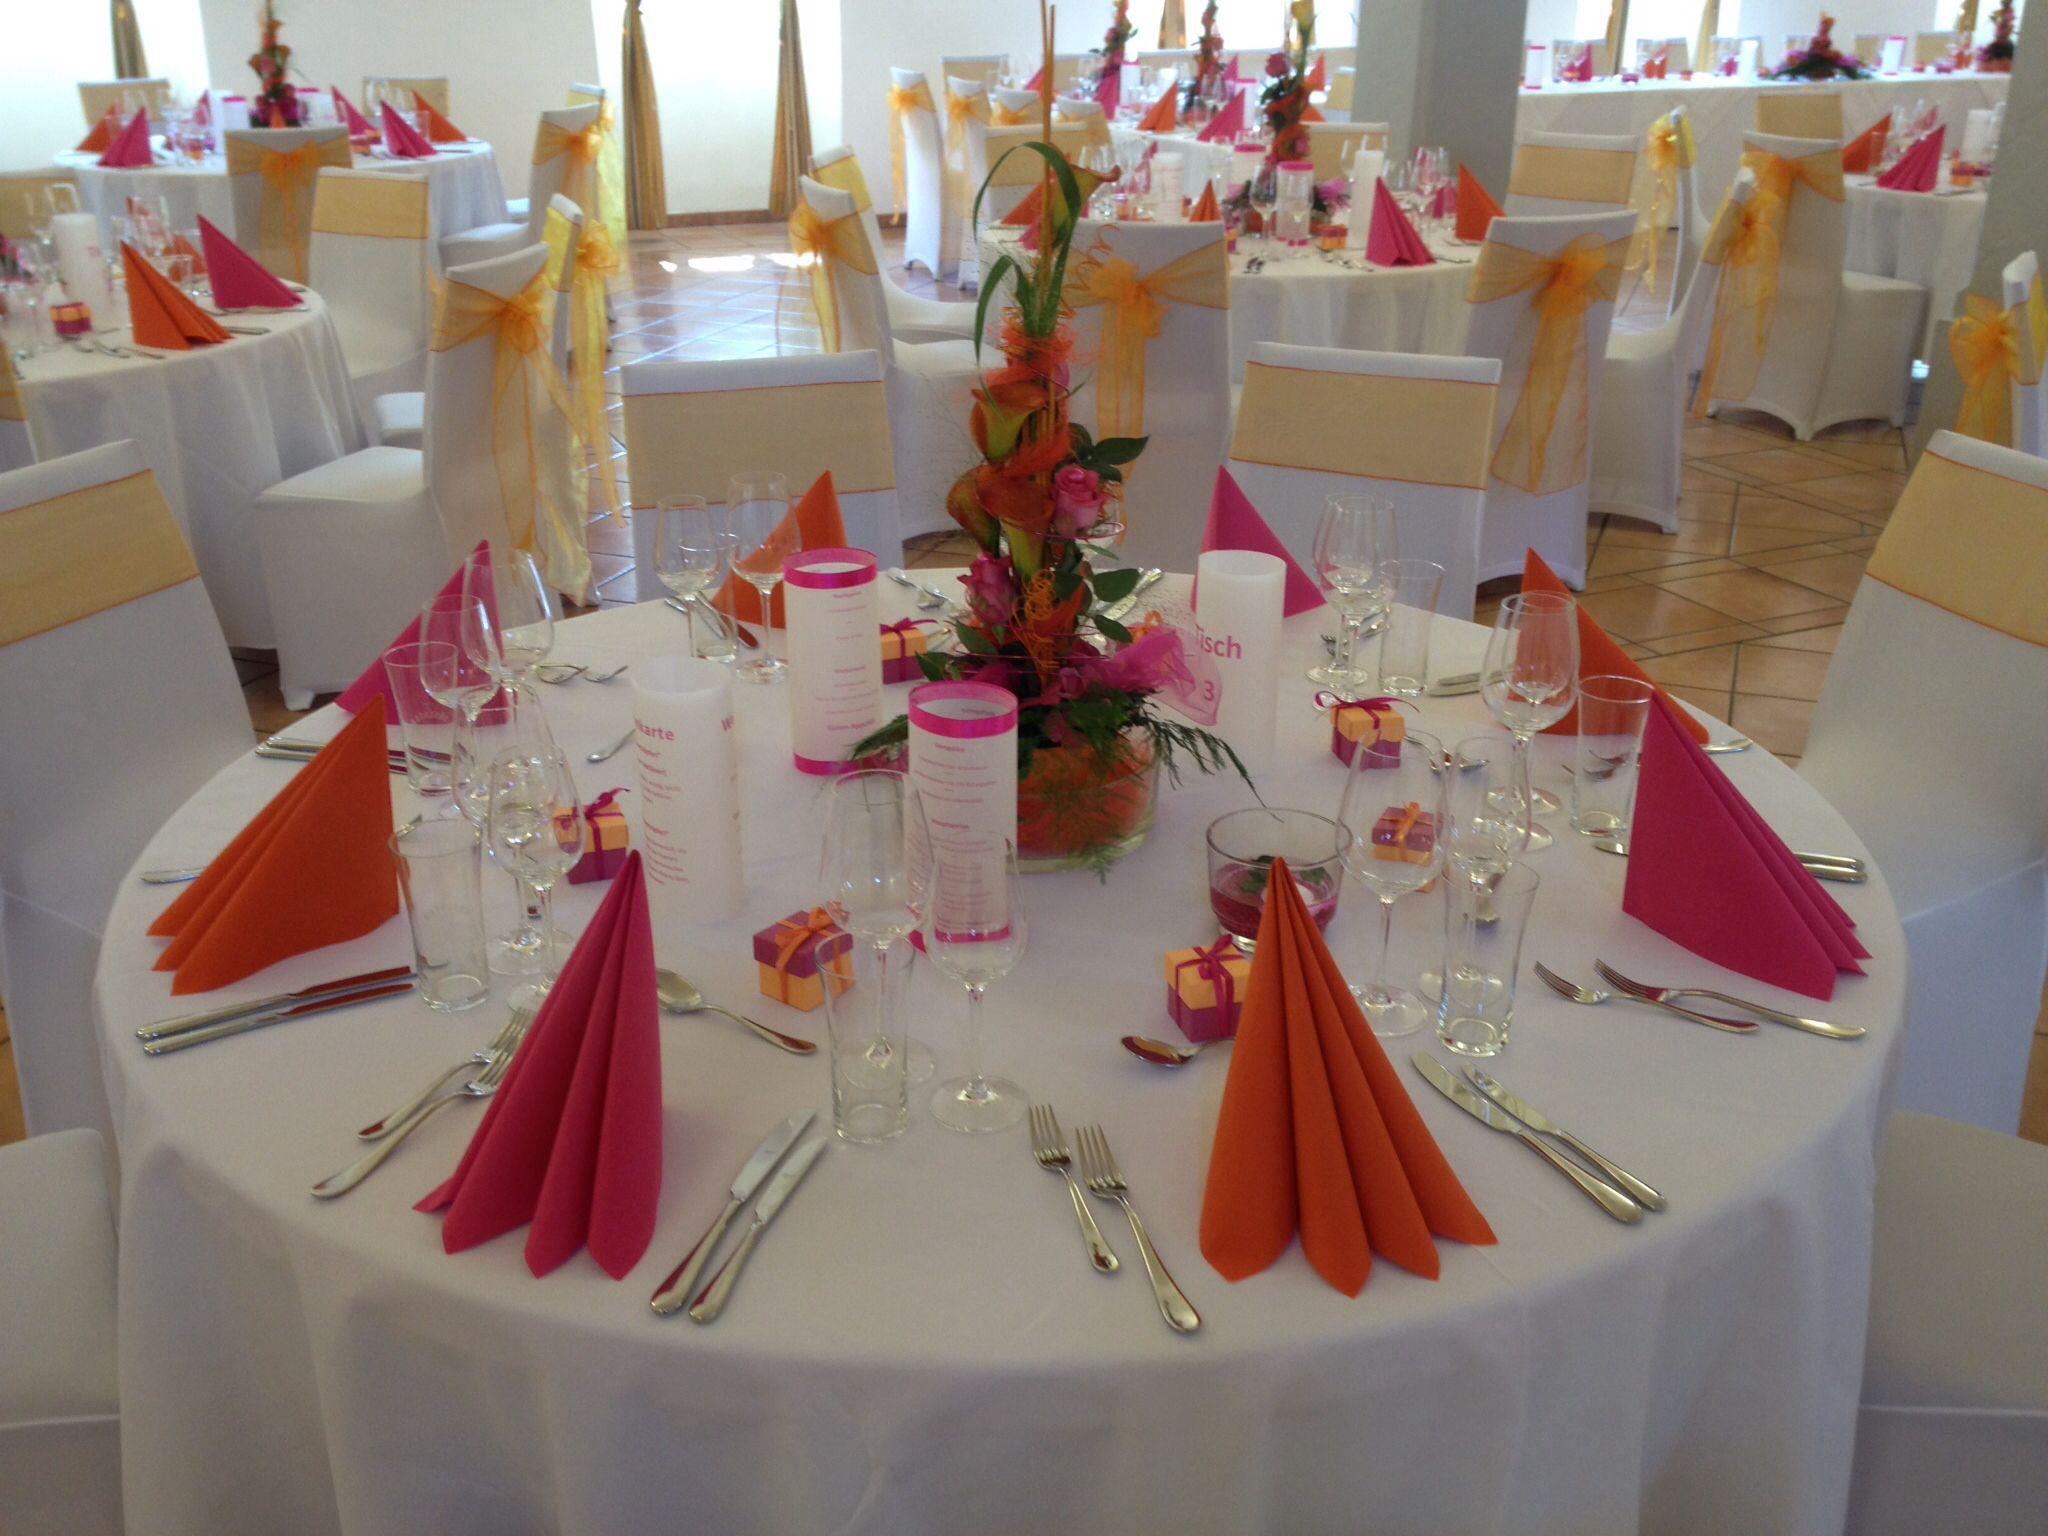 Tischdekoration in orange und pink mit orangener Papierserviette